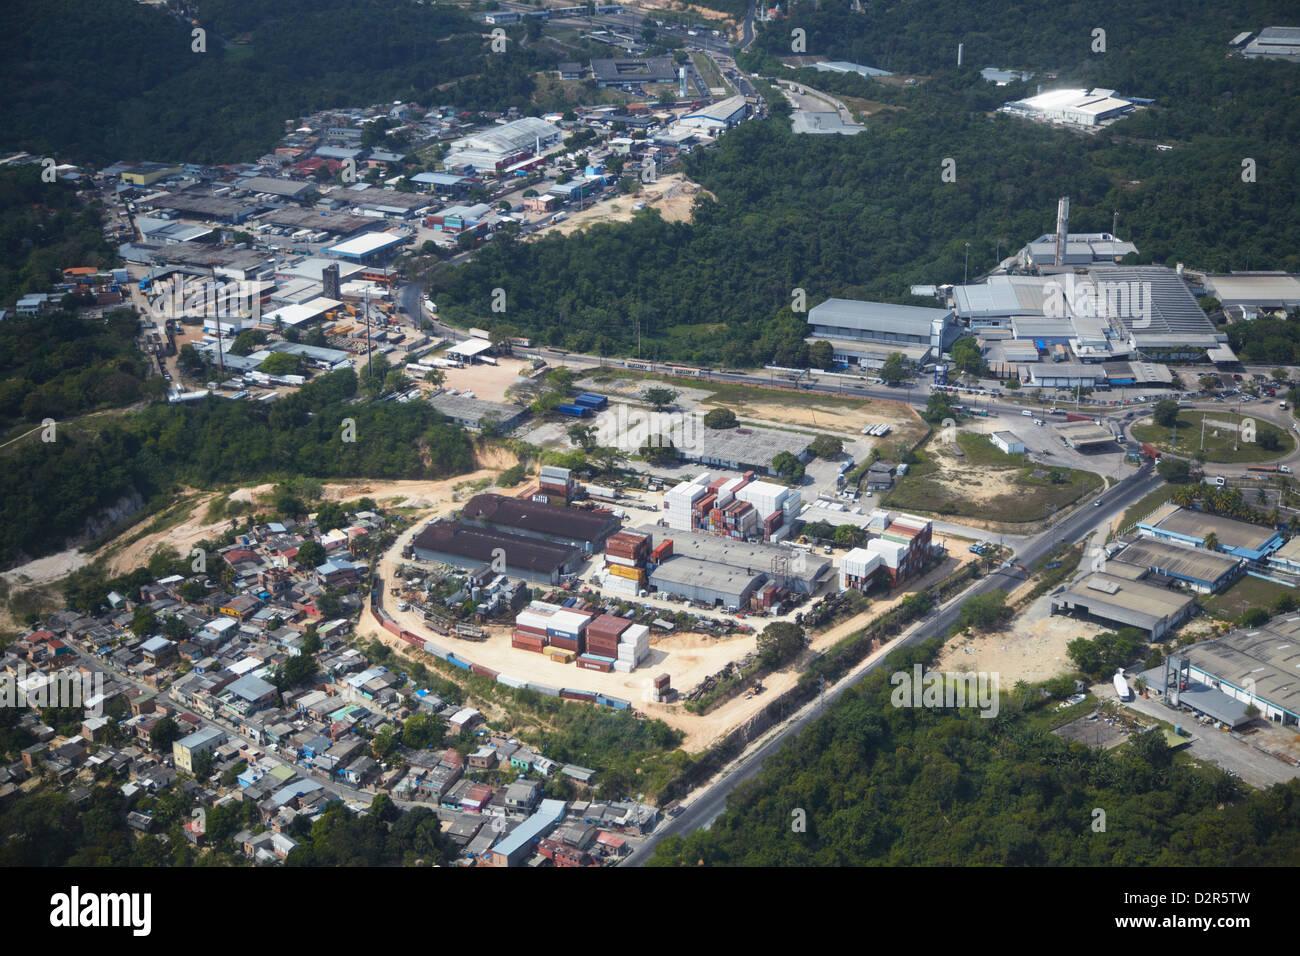 Vista aerea della zona industriale di Manaus, Amazonas, Brasile, Sud America Immagini Stock